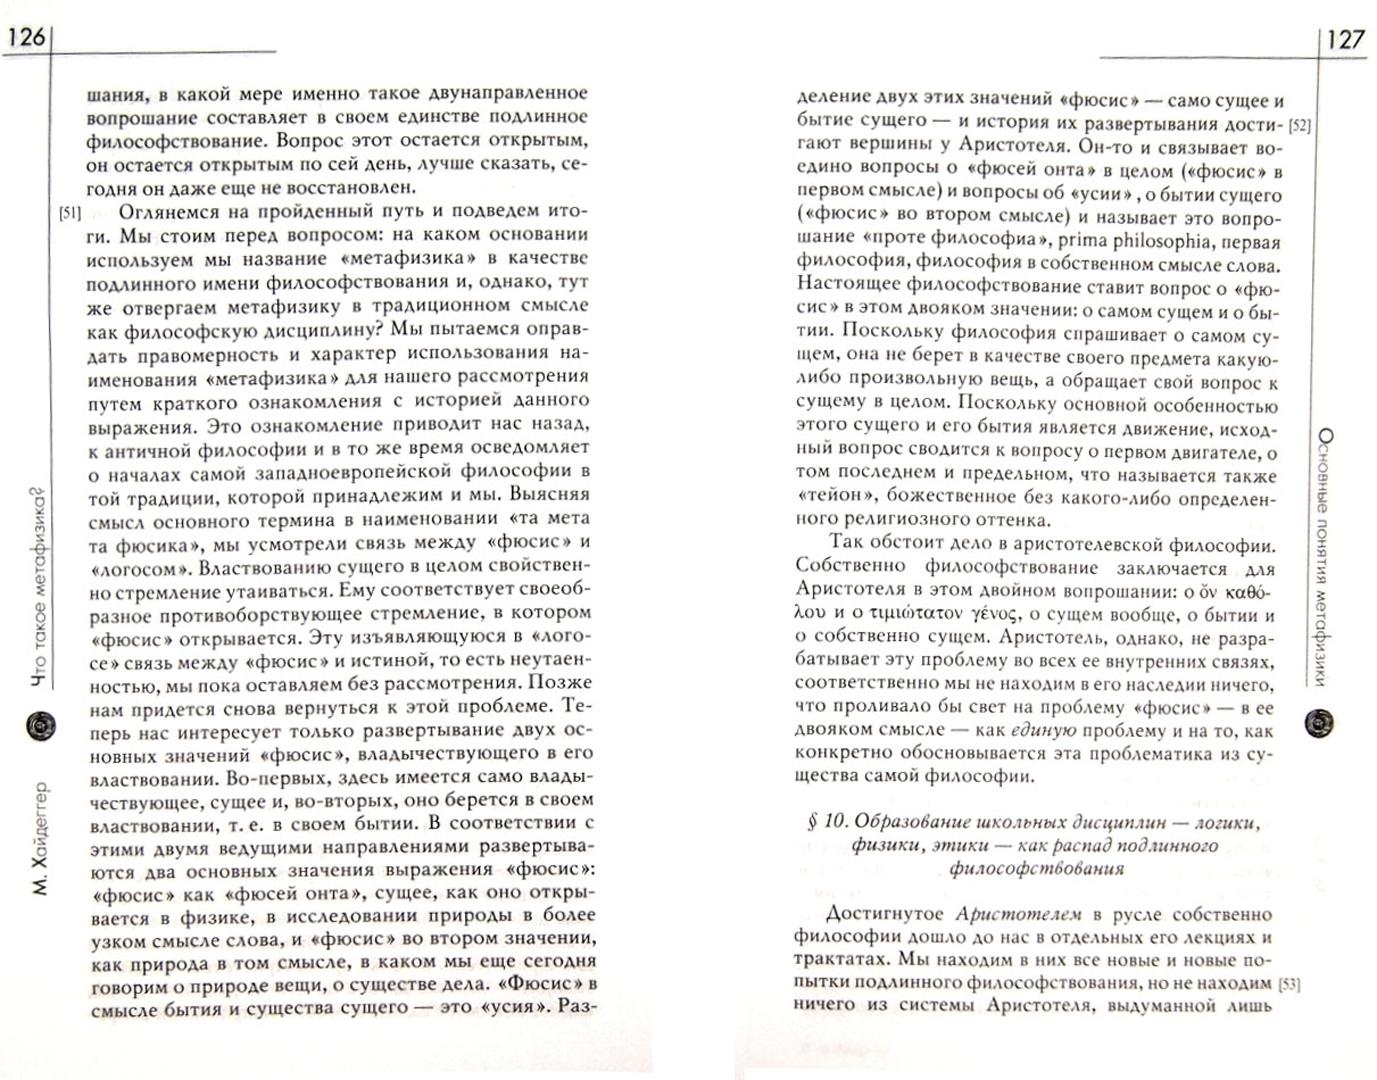 Иллюстрация 1 из 4 для Что такое метафизика? - Мартин Хайдеггер   Лабиринт - книги. Источник: Лабиринт